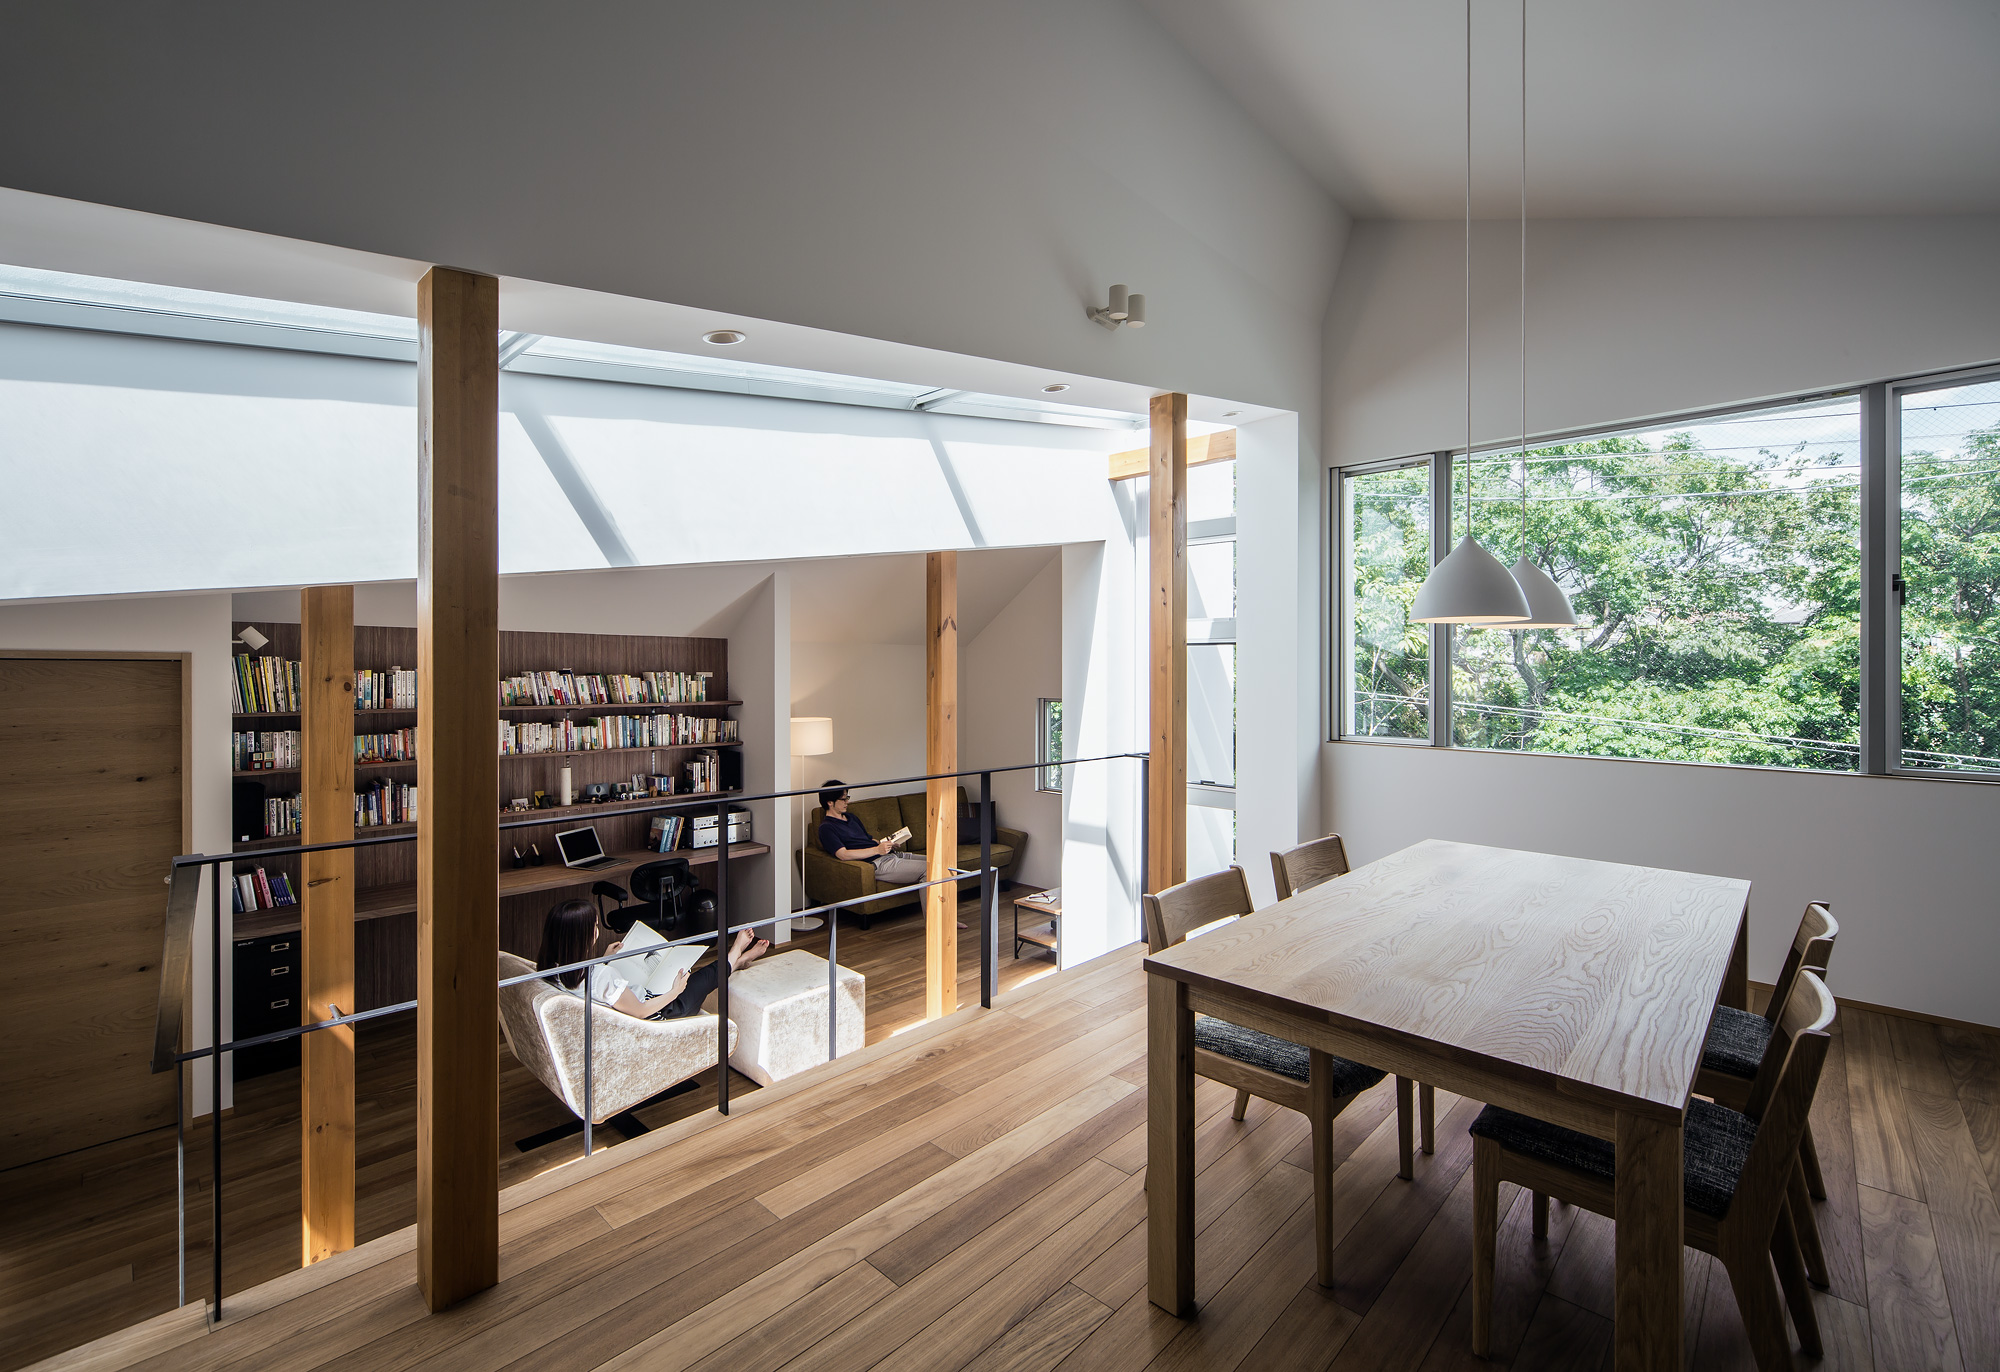 ダイニングルームから書斎+リビングルーム:遮る壁のない、広々とした空間。上下する視線が楽しいのも、スキップフロアならでは